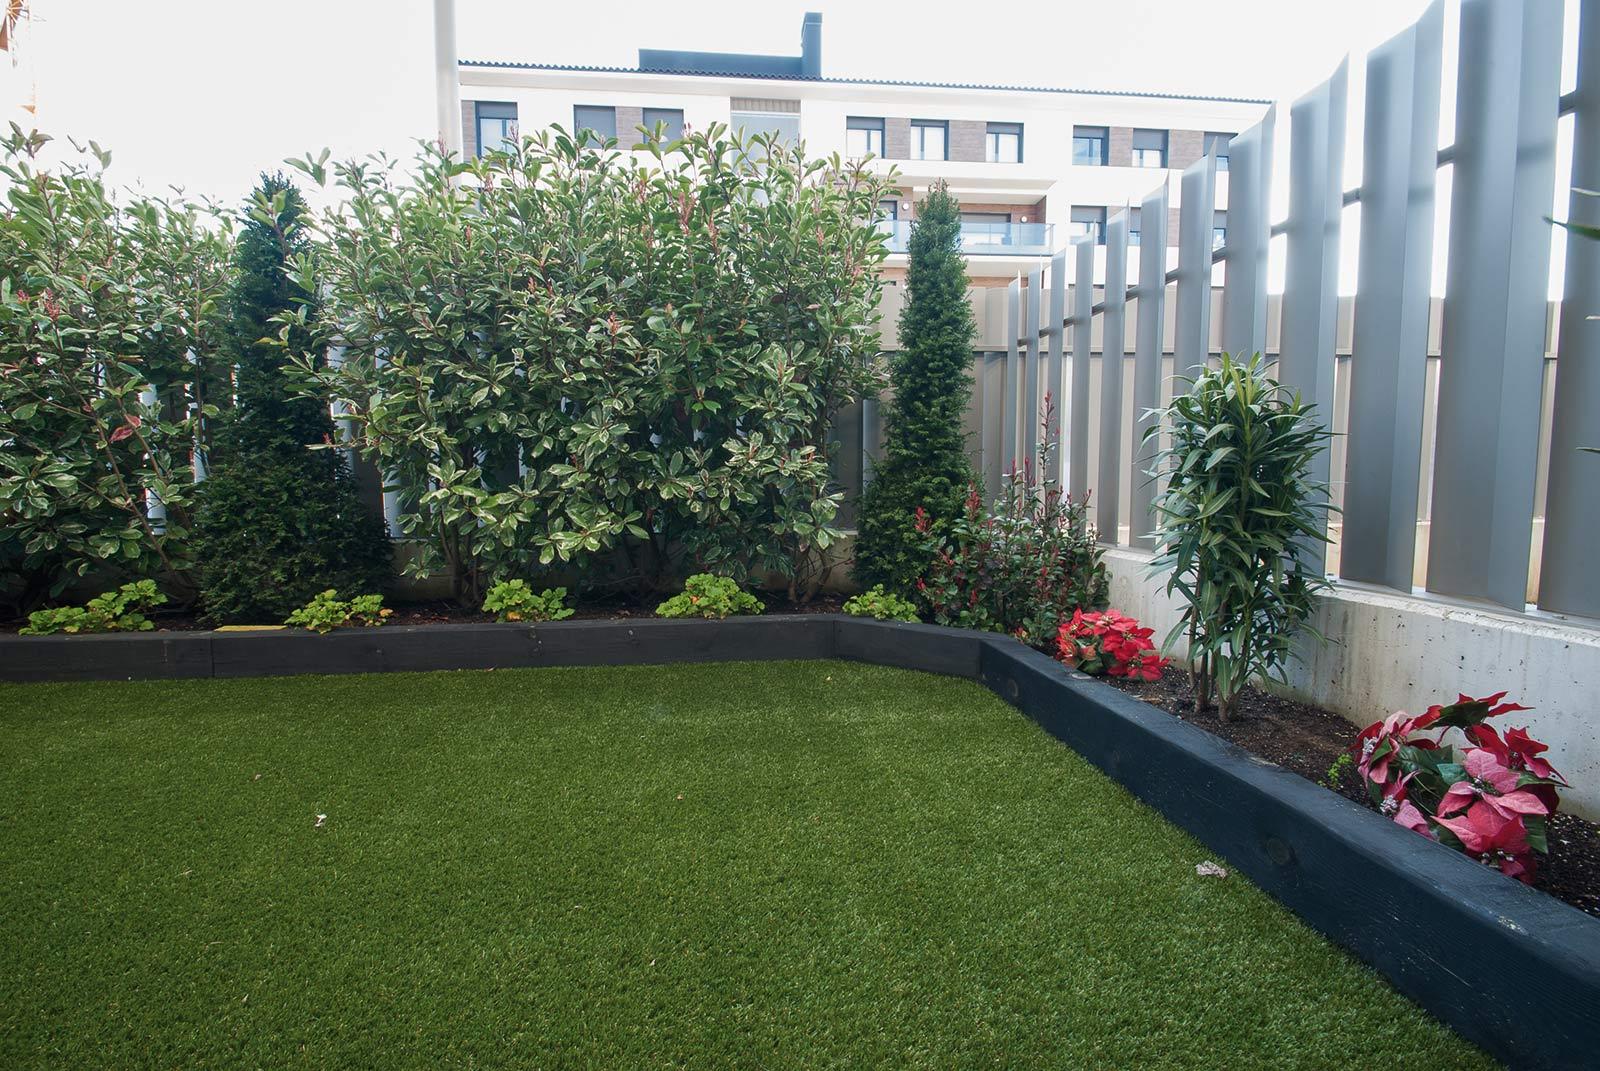 cesped-artificial-jardineras-traviesas-3